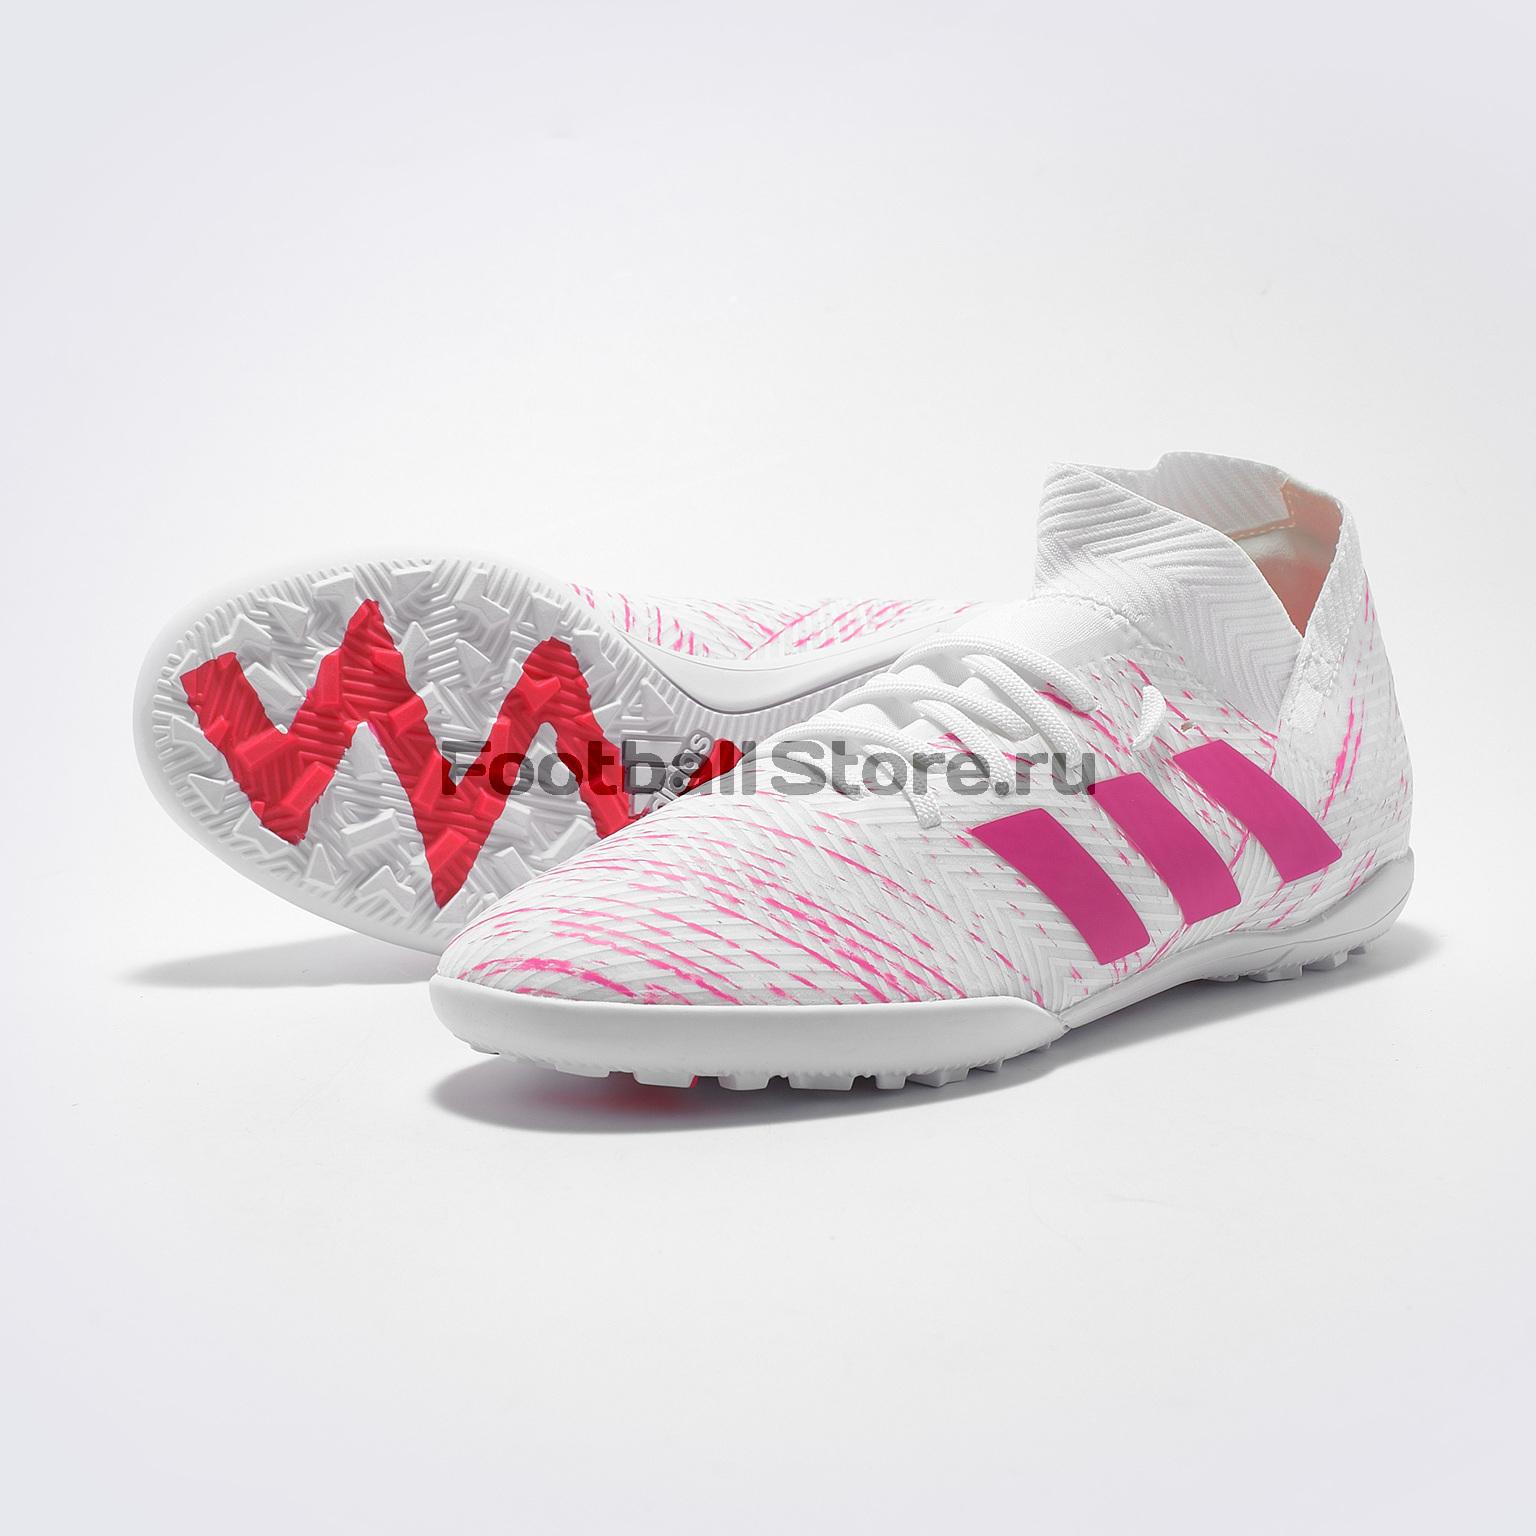 Шиповки детские Adidas Nemeziz 18.3 TF CM8518 adidas шиповки adidas ace 16 3 primemesh tf aq2564